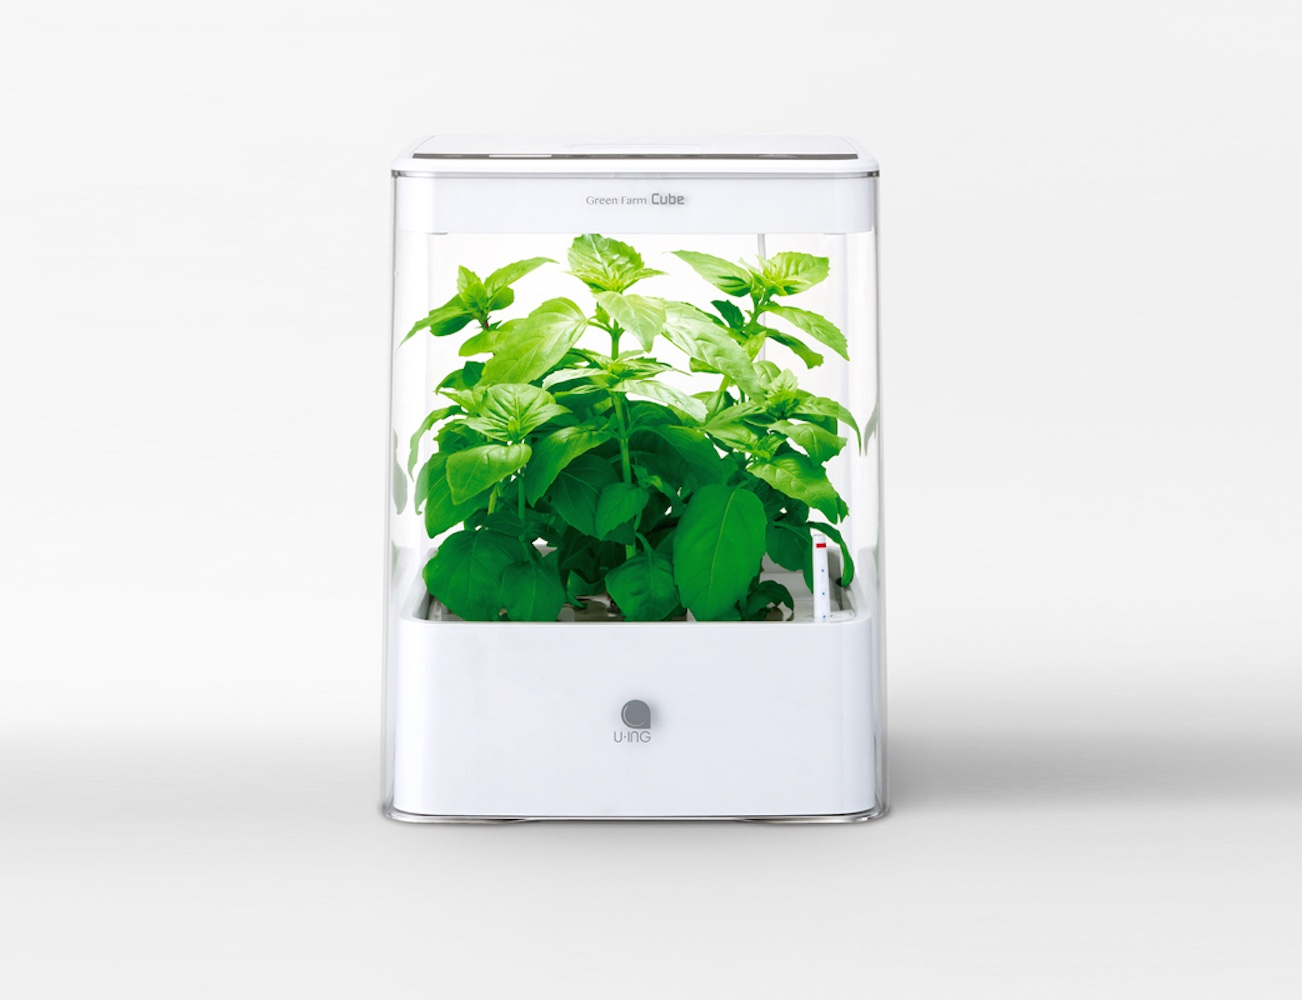 Cube Green Farm Hydroponic Grow Box by U-ING